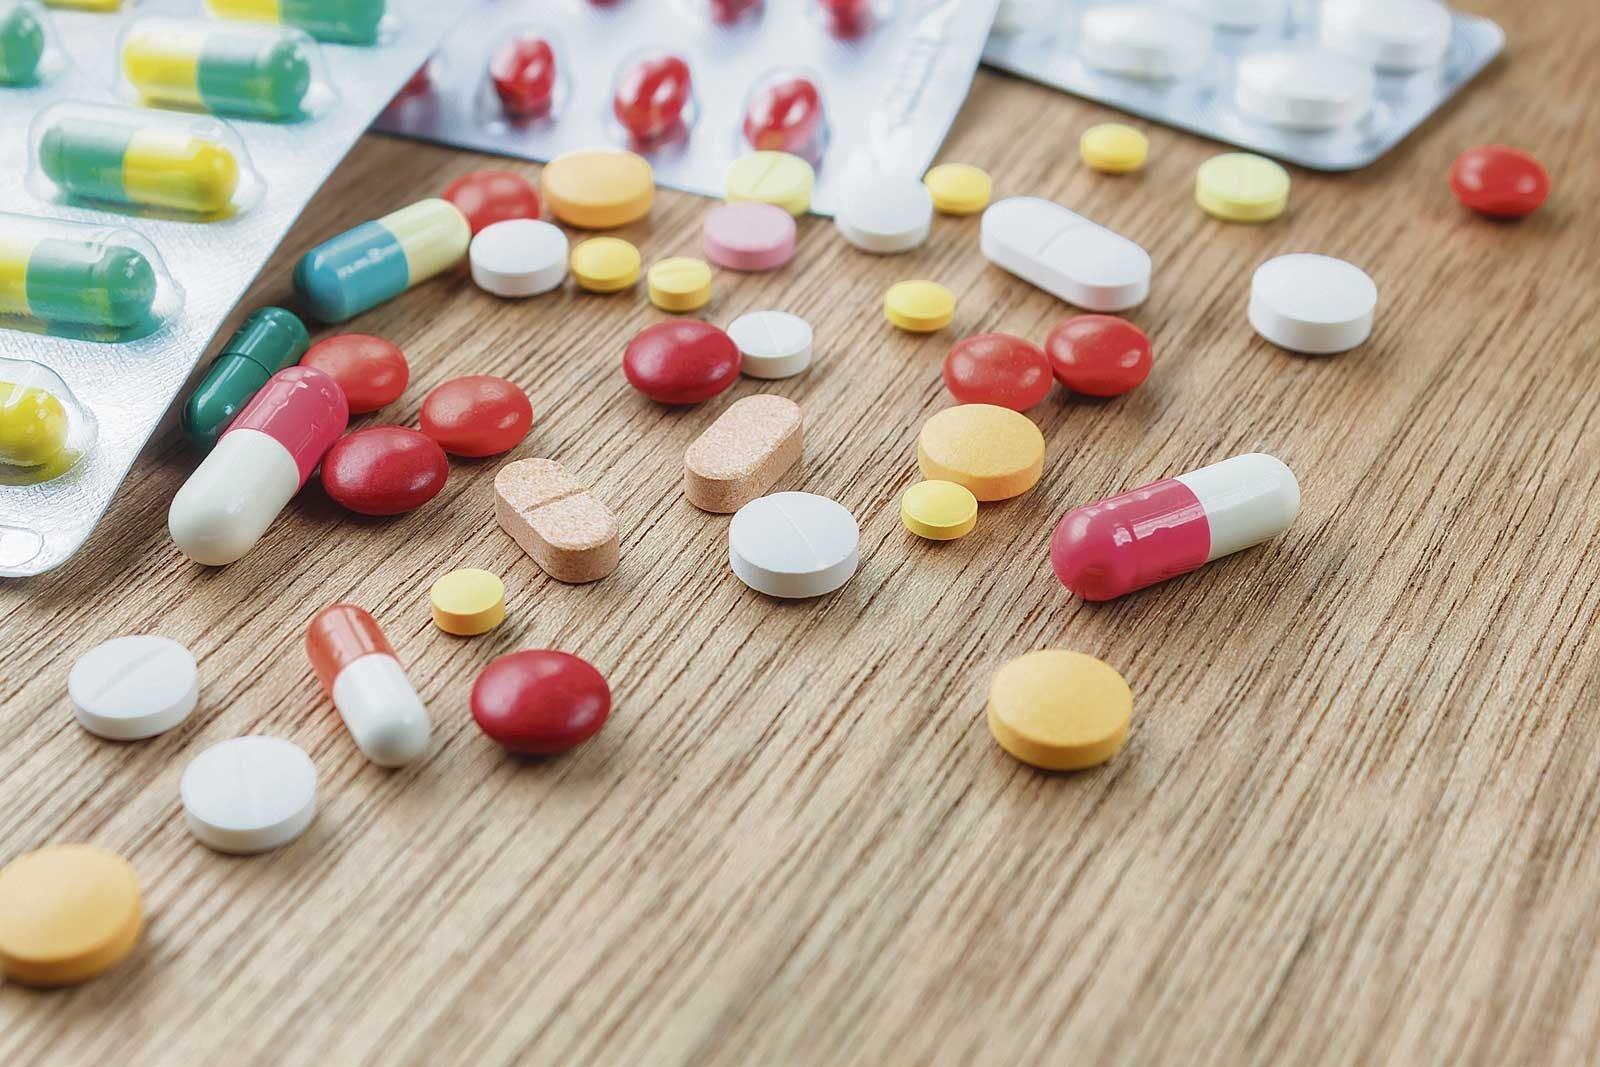 lista de medicamente pentru calmarea durerii articulare